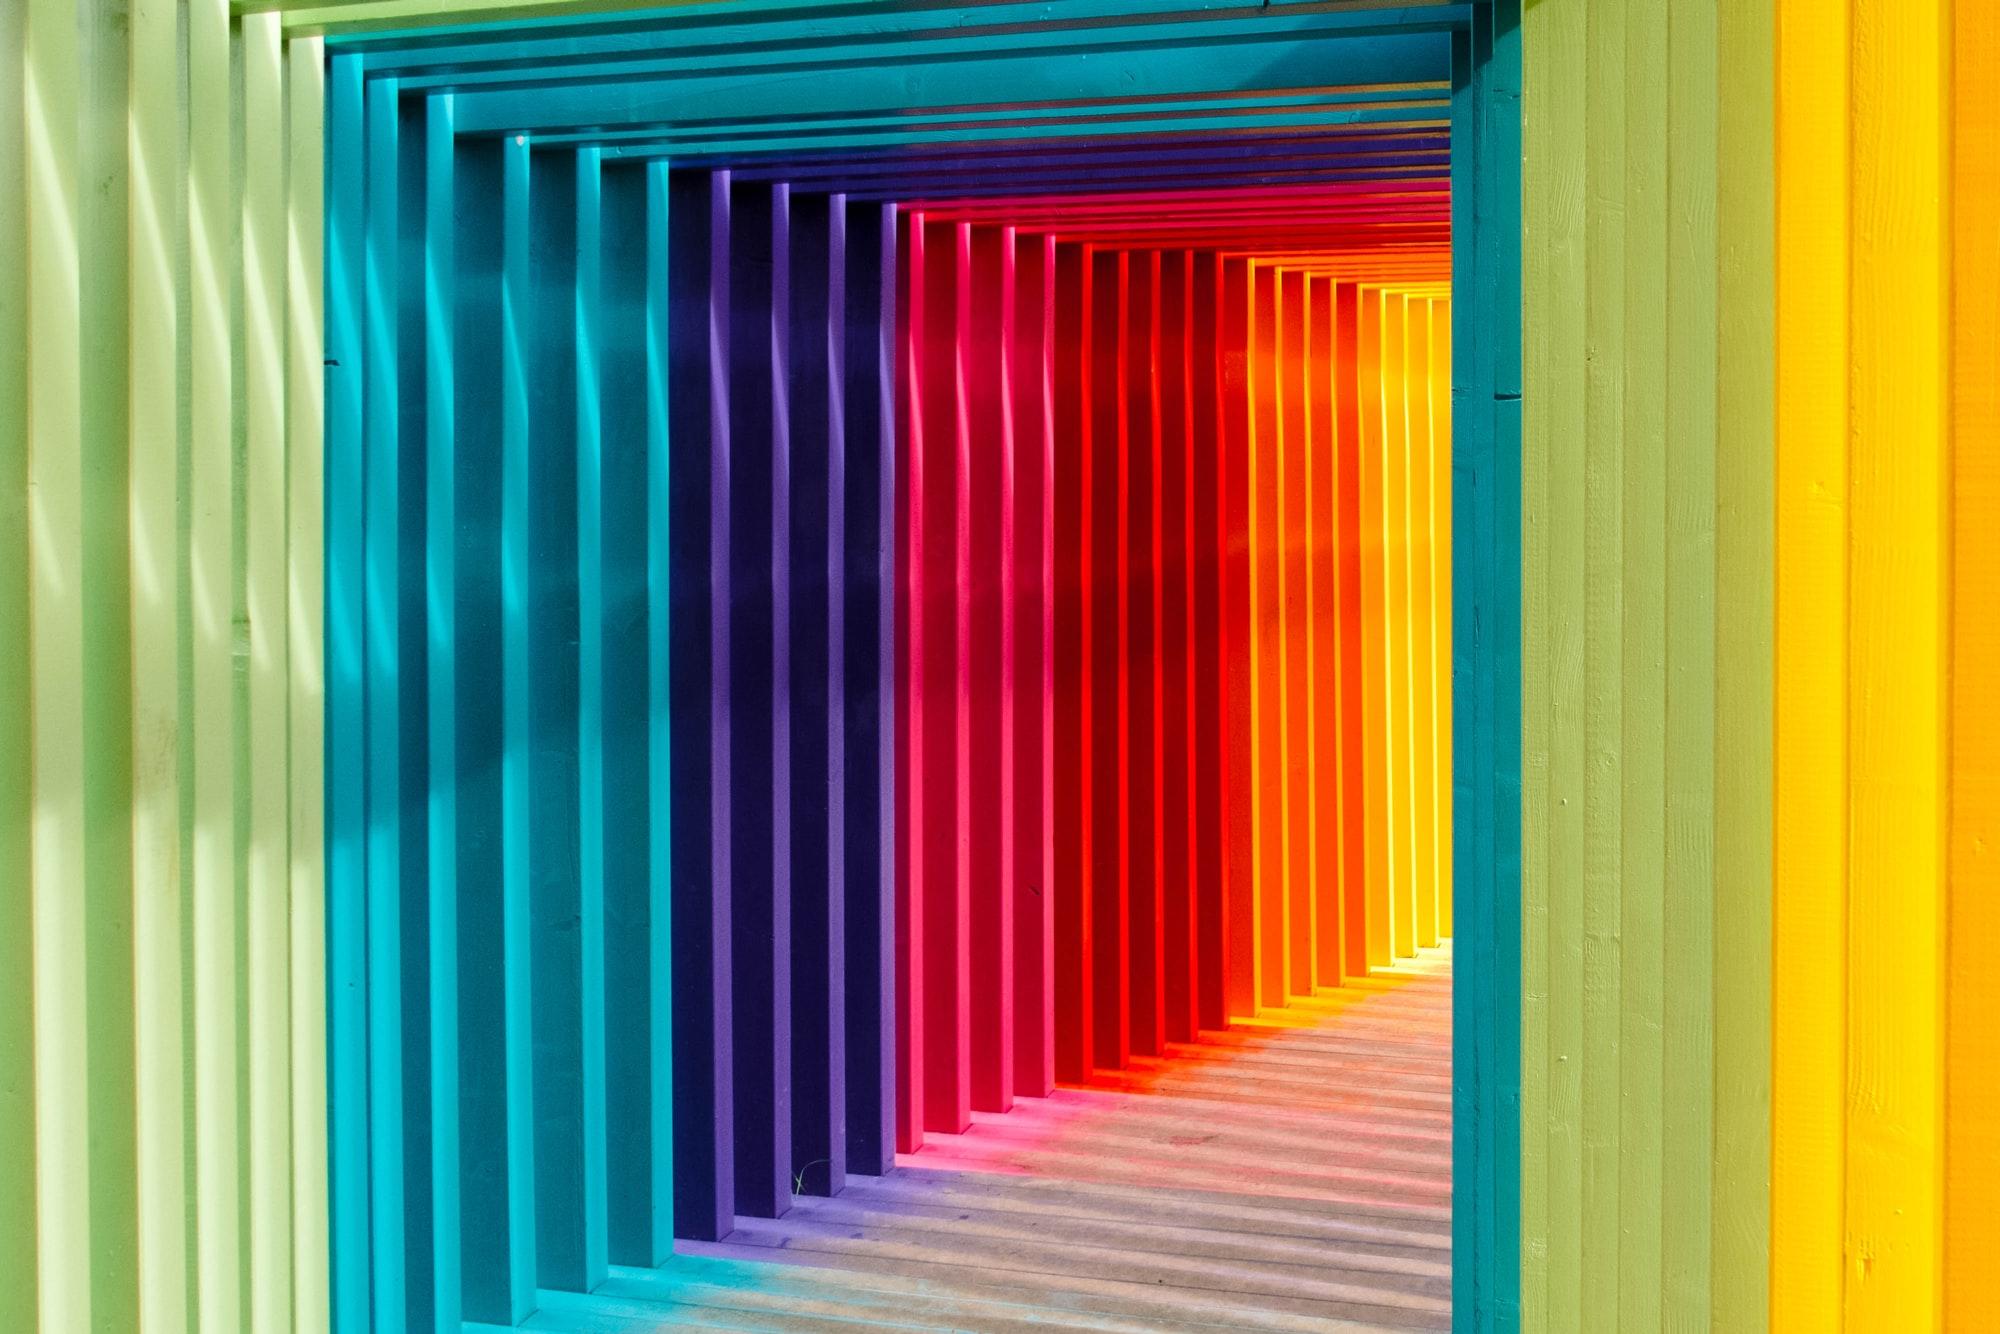 Коридор из арок всех цветов радуги